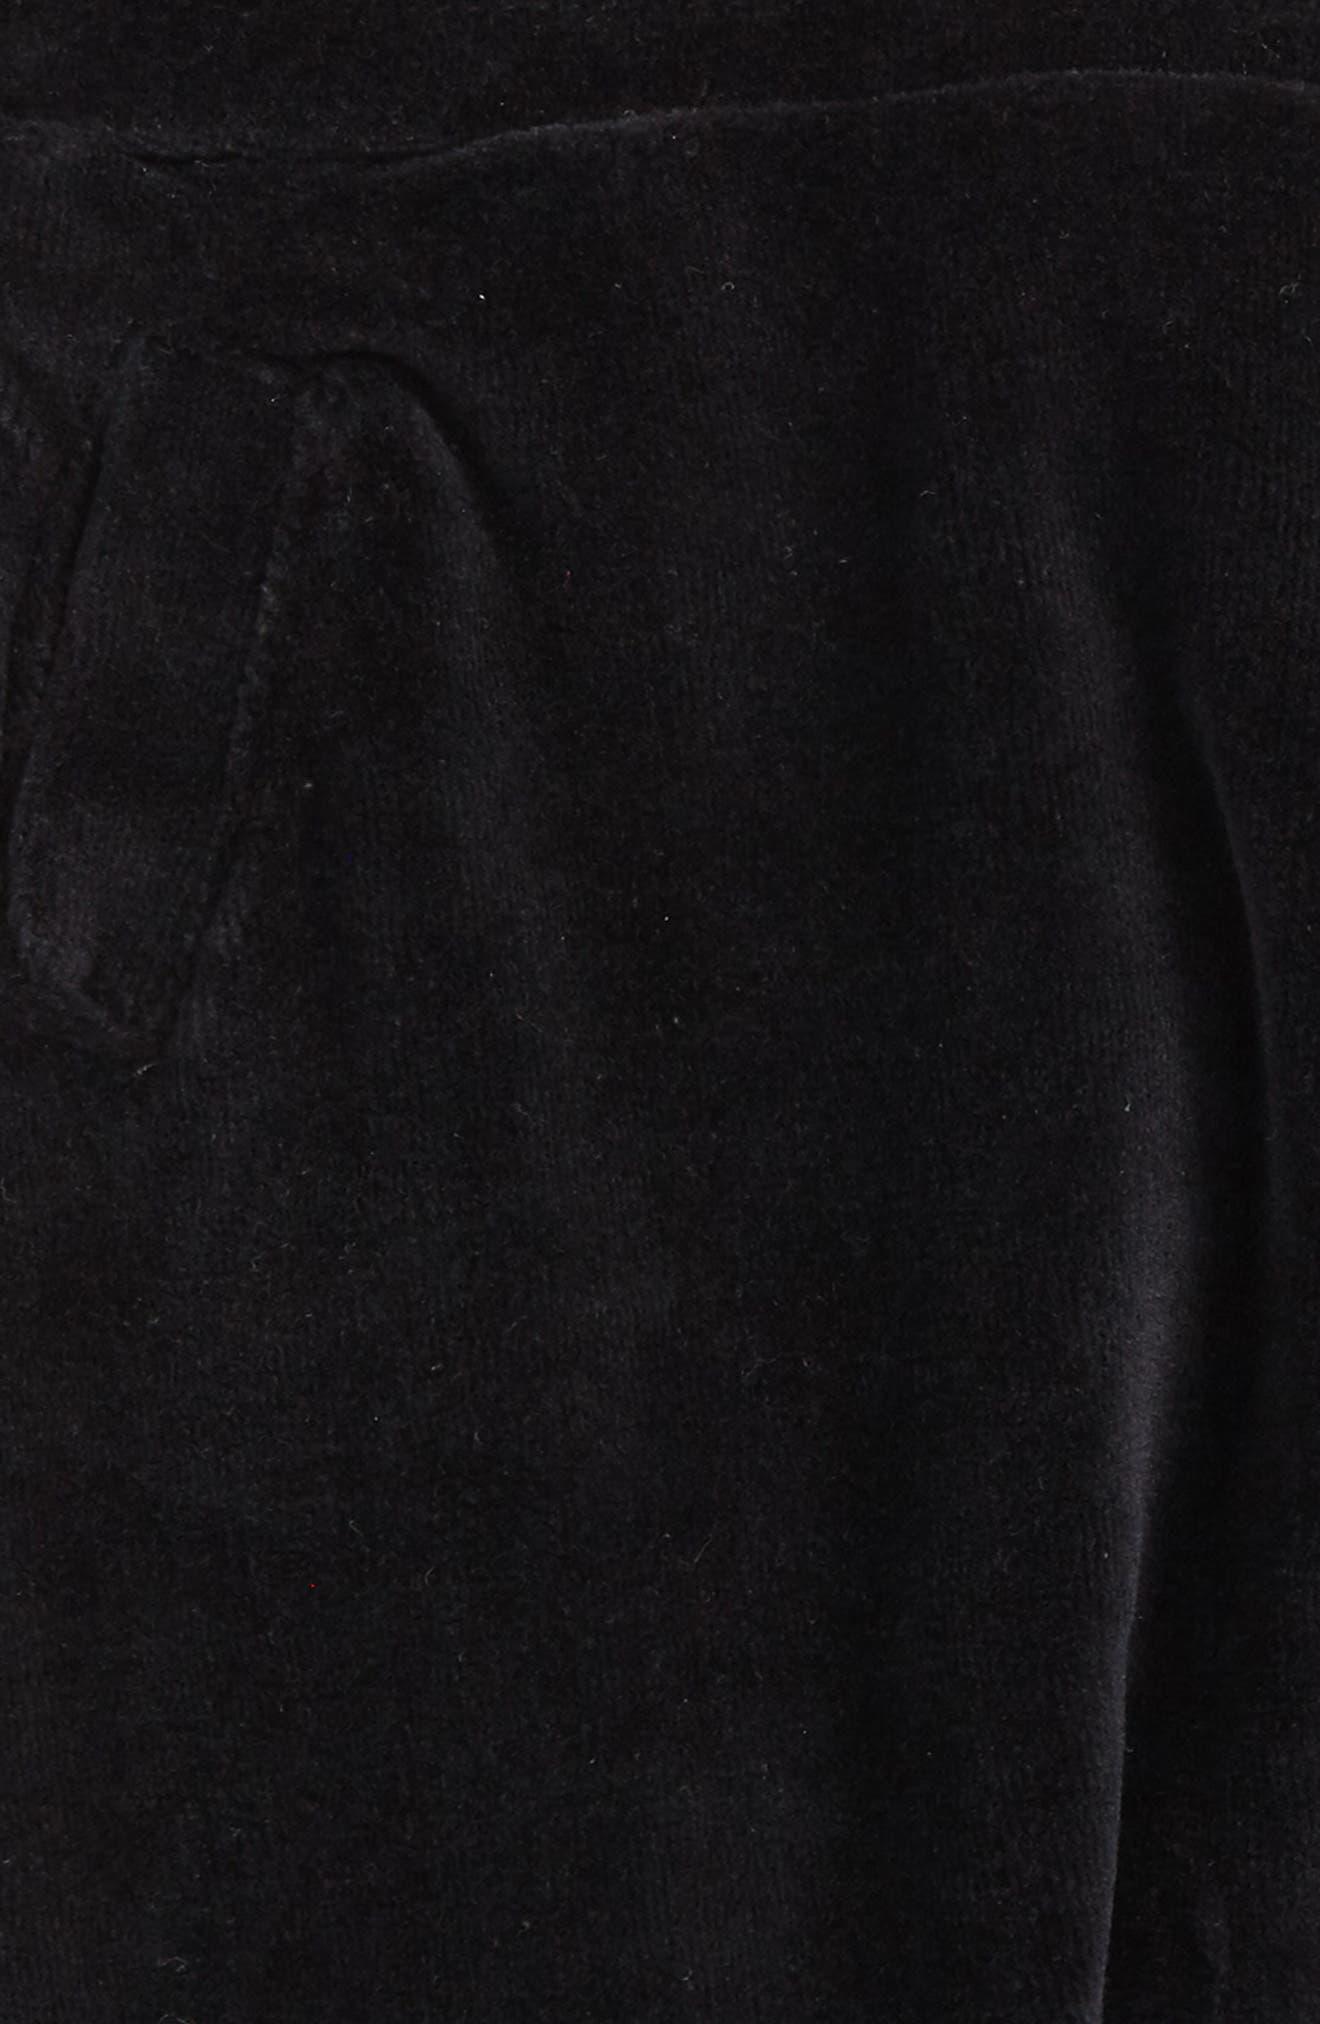 Velour Sweatpants,                             Alternate thumbnail 2, color,                             001